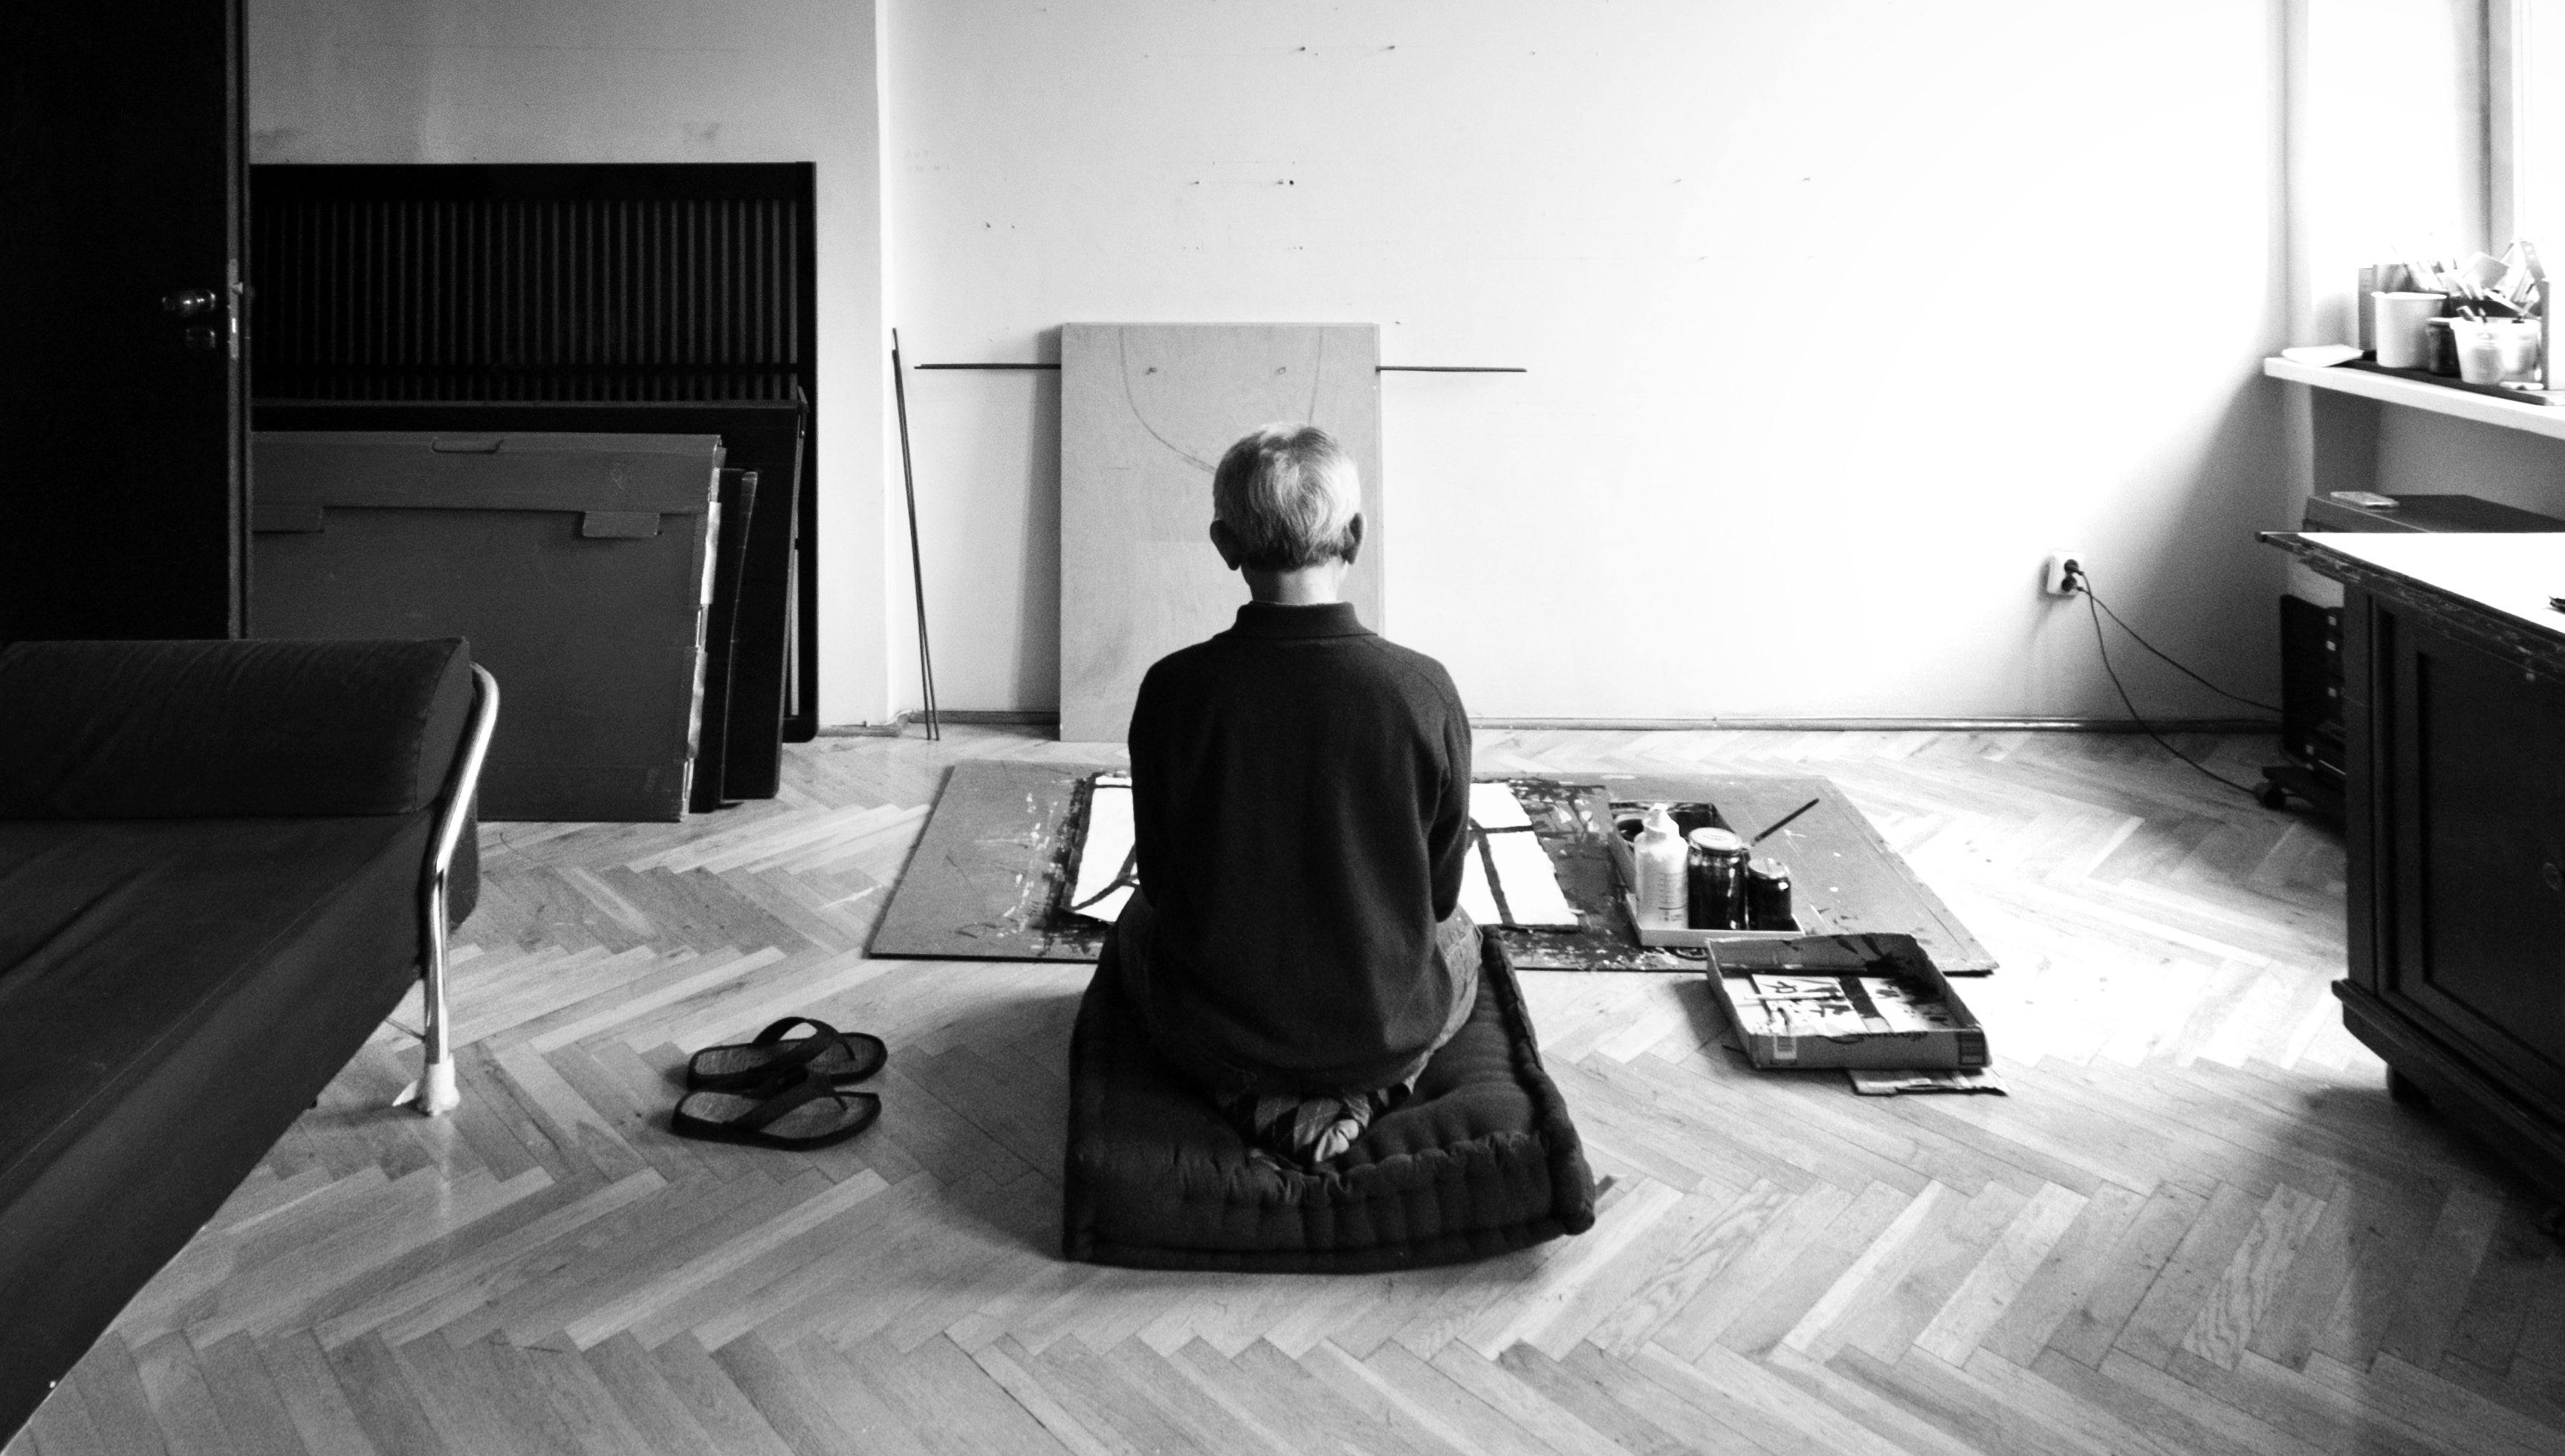 Koji Kamoji wpracowni, 2012